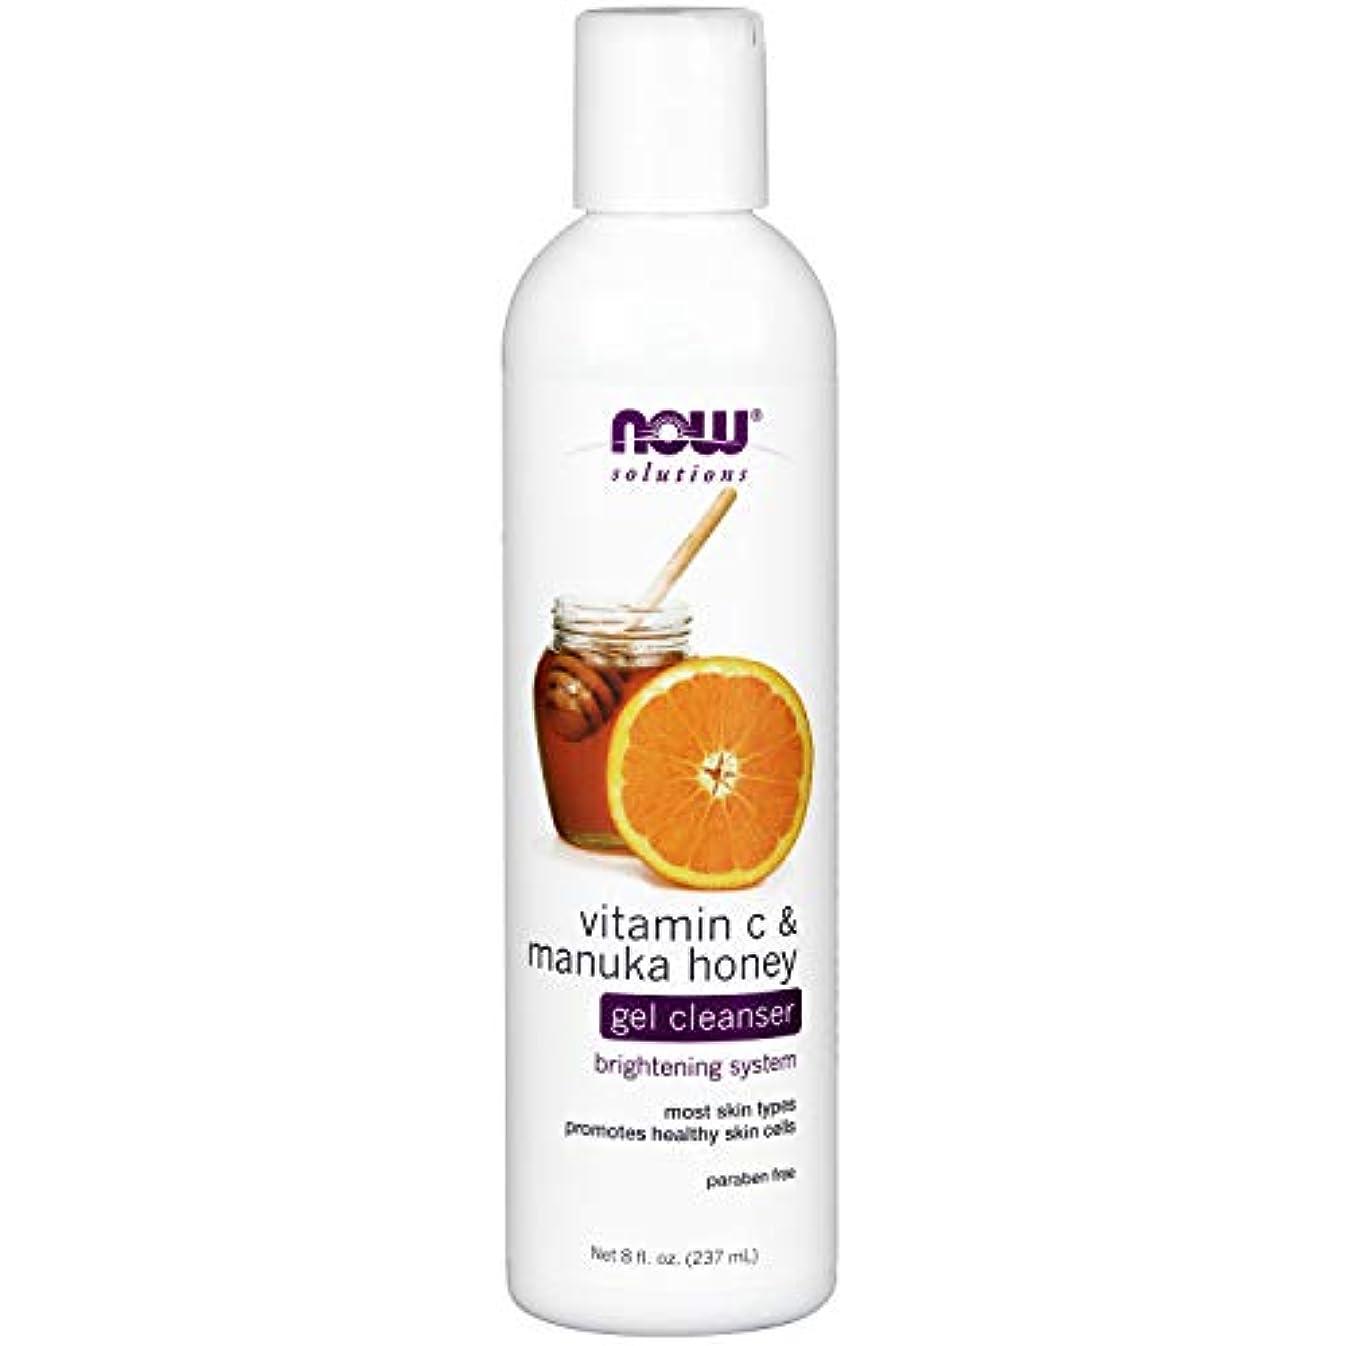 寂しいブラウス遺伝子NOW Vitamin C & Manuka Honey Gel Cleanser - 8 fl. oz. ビタミンC&マヌカハニー配合のジェルタイプ洗顔 ~海外直送品~